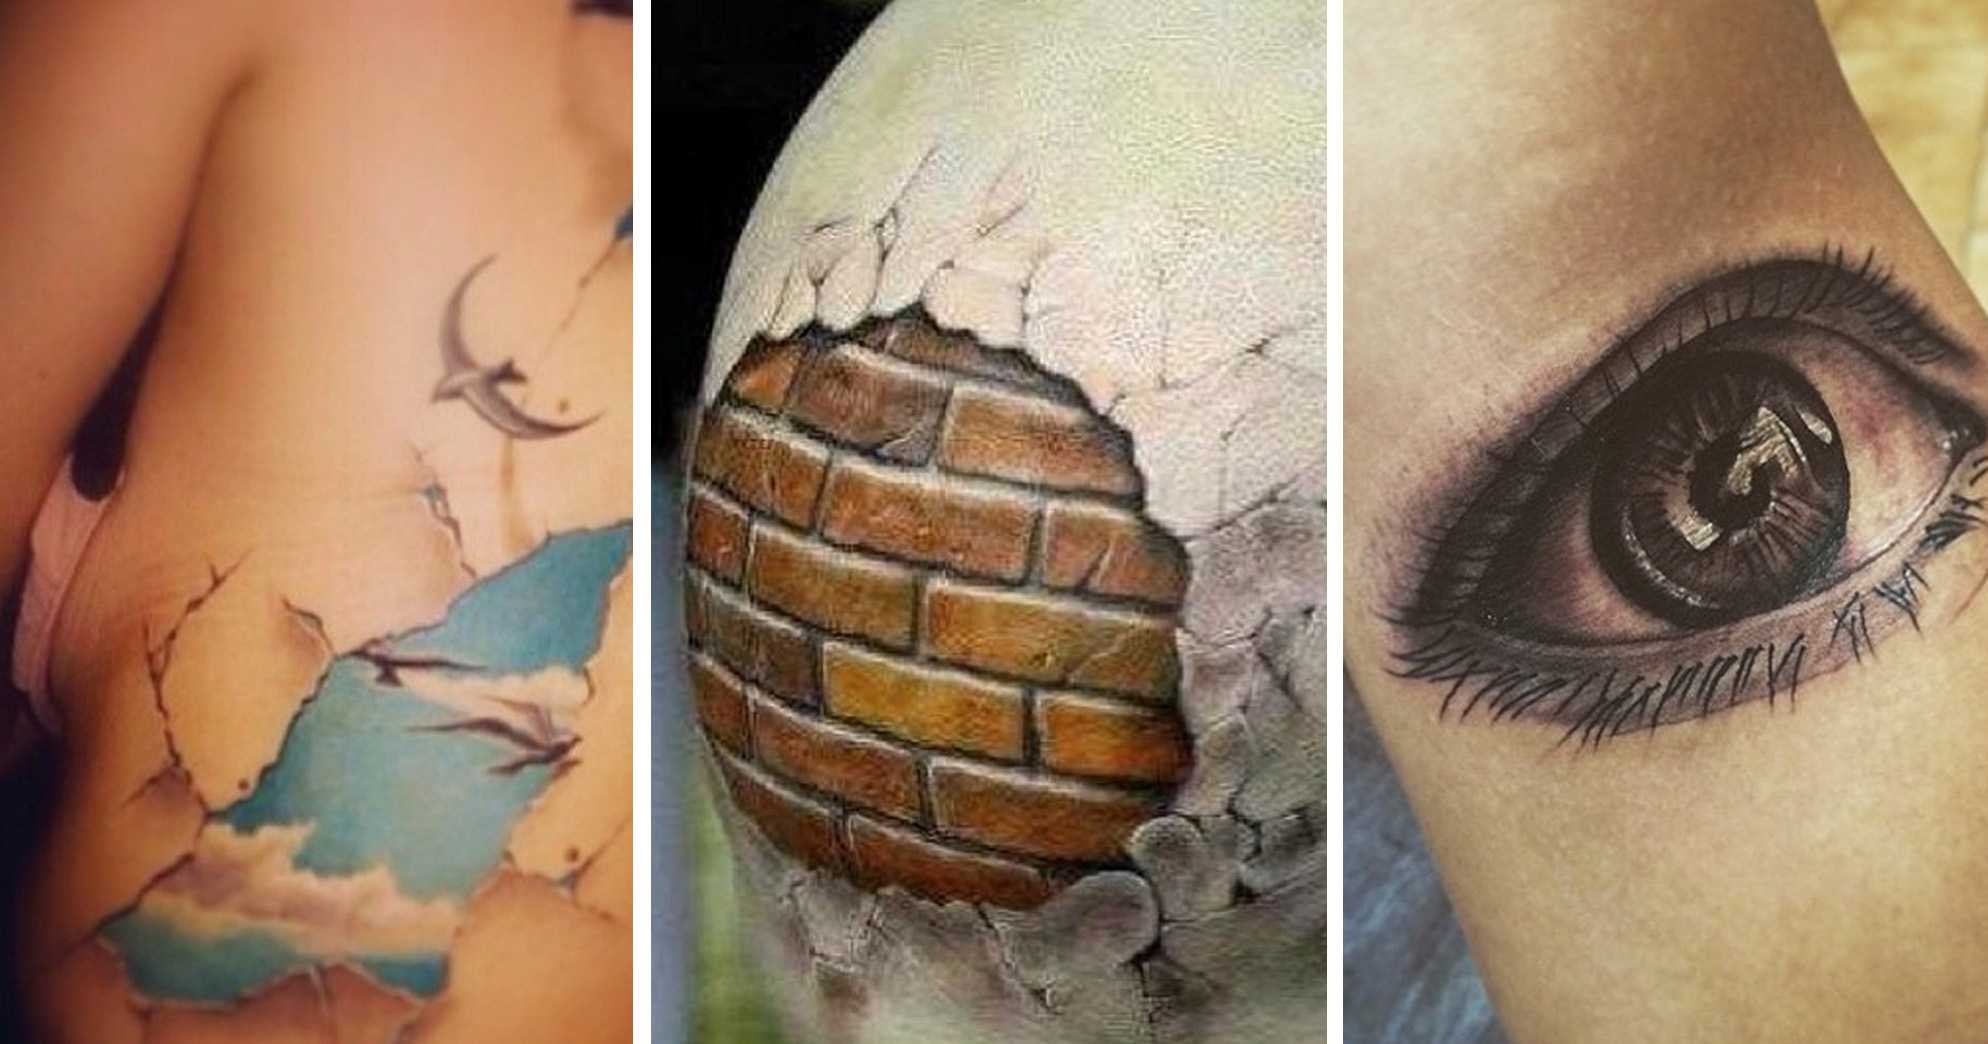 13 Utrolige Tatoveringer Vi Ikke Trodde Var Mulige